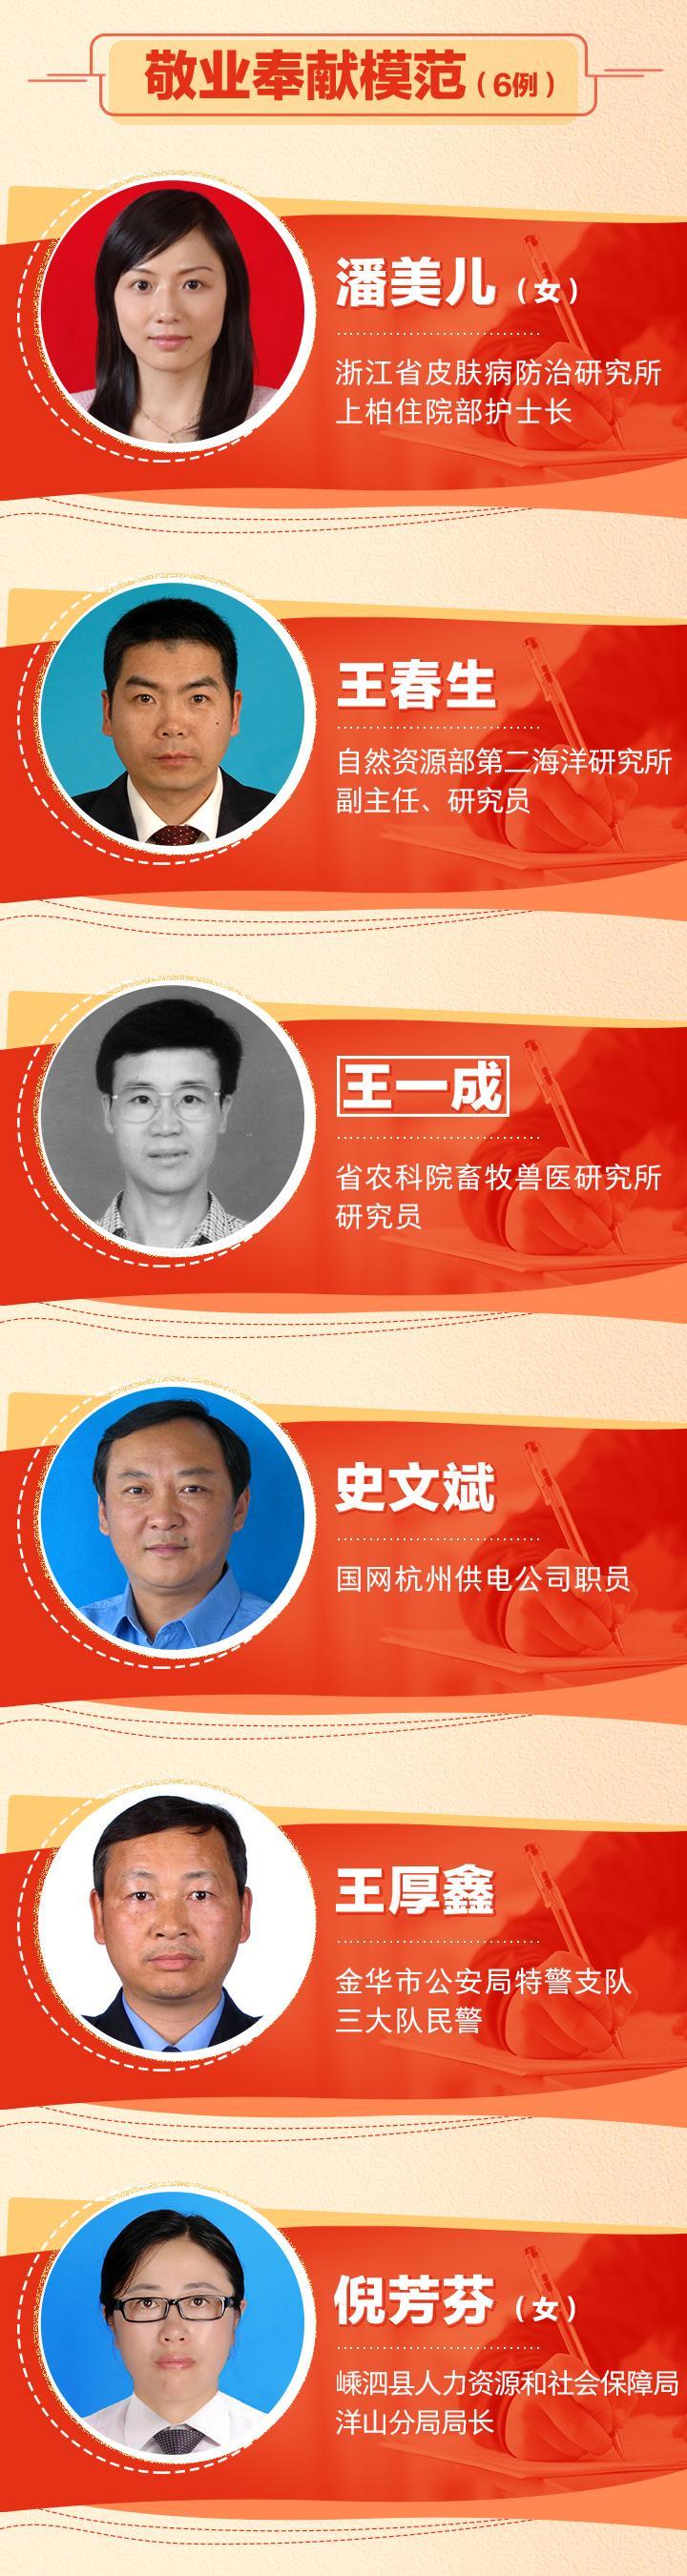 2019浙江省道德模范评选_05.jpg